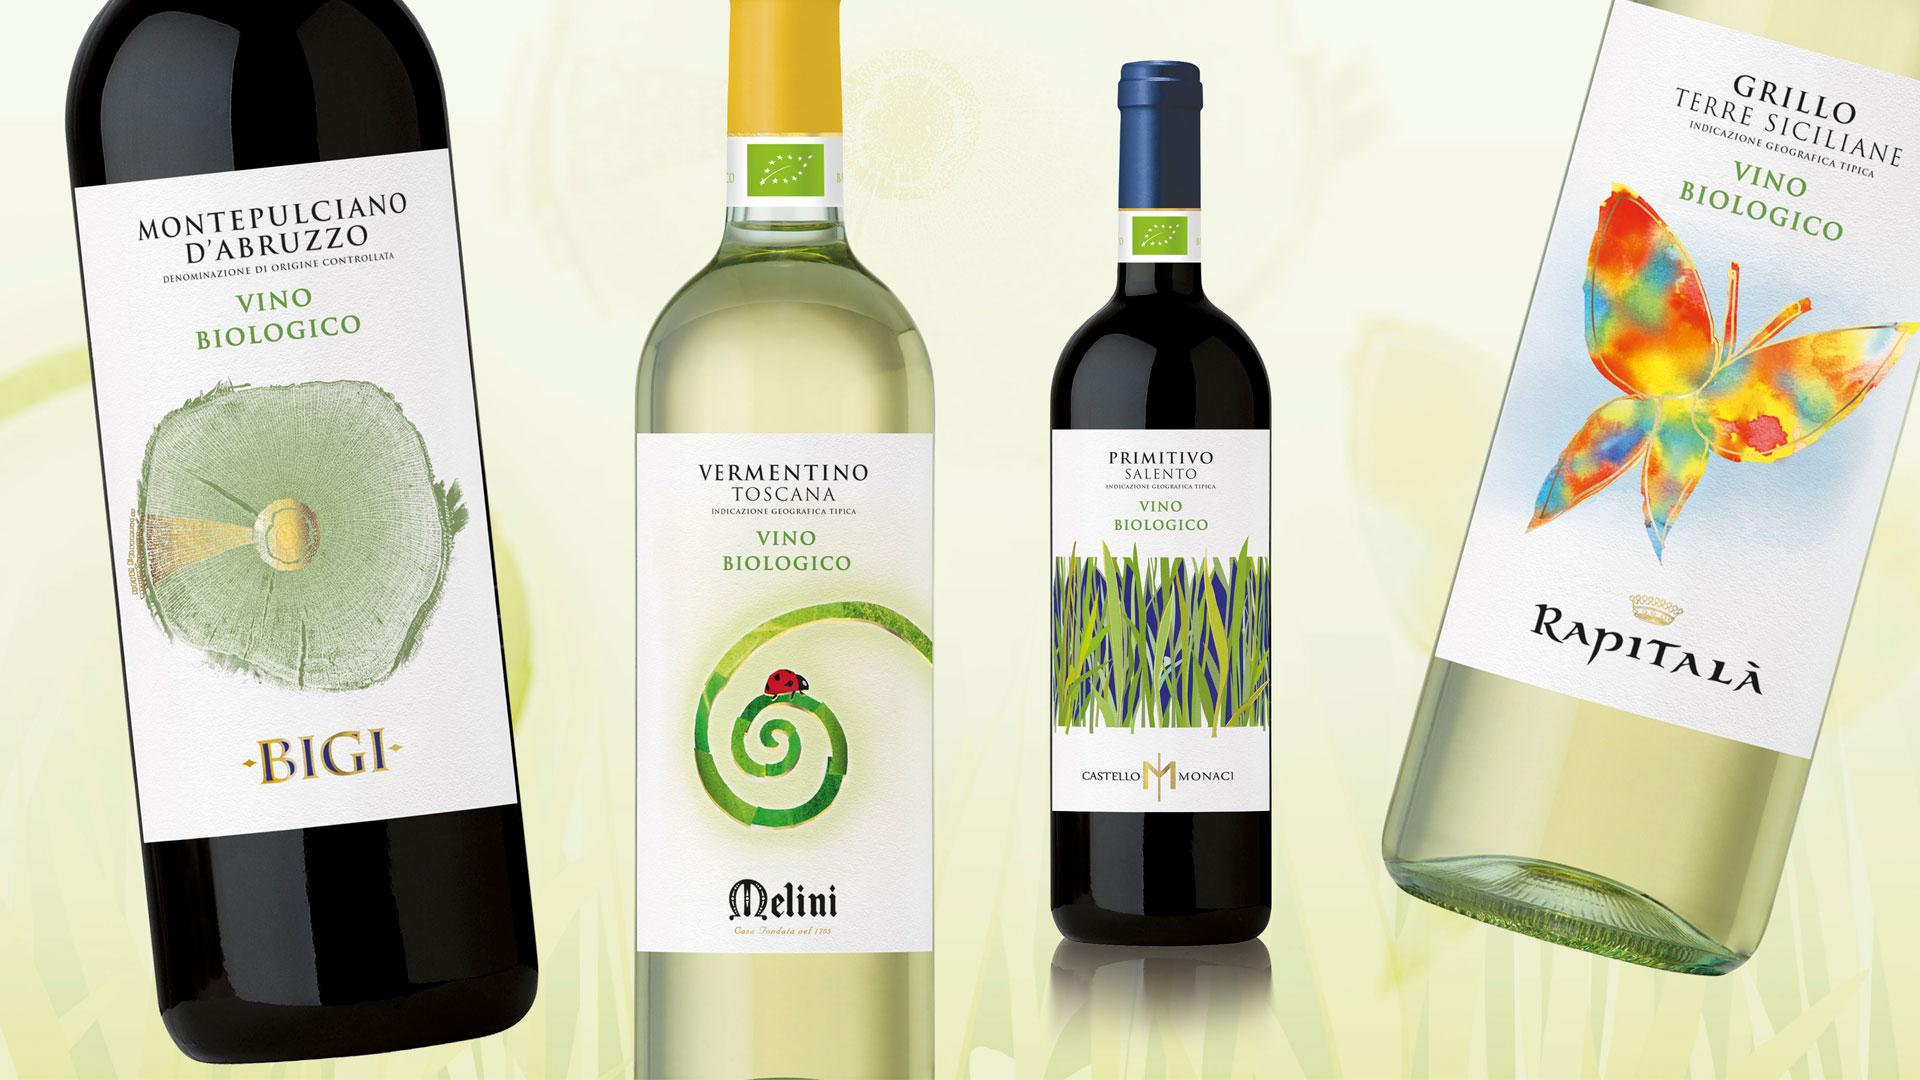 Gruppo Italiano Vino Progetto Biologico Italiano packaging